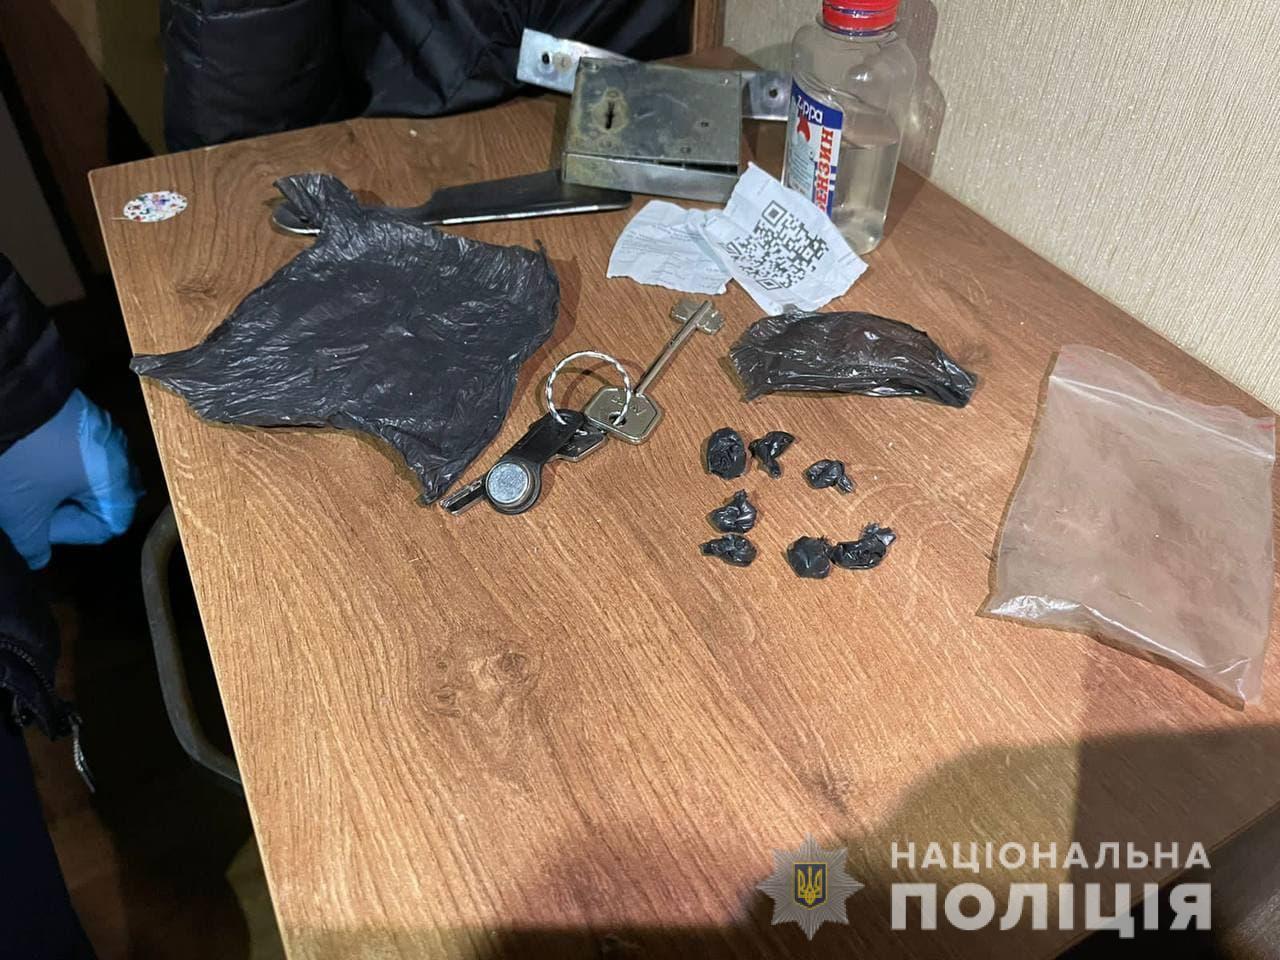 Мужчина организовал наркопритон в Харькове